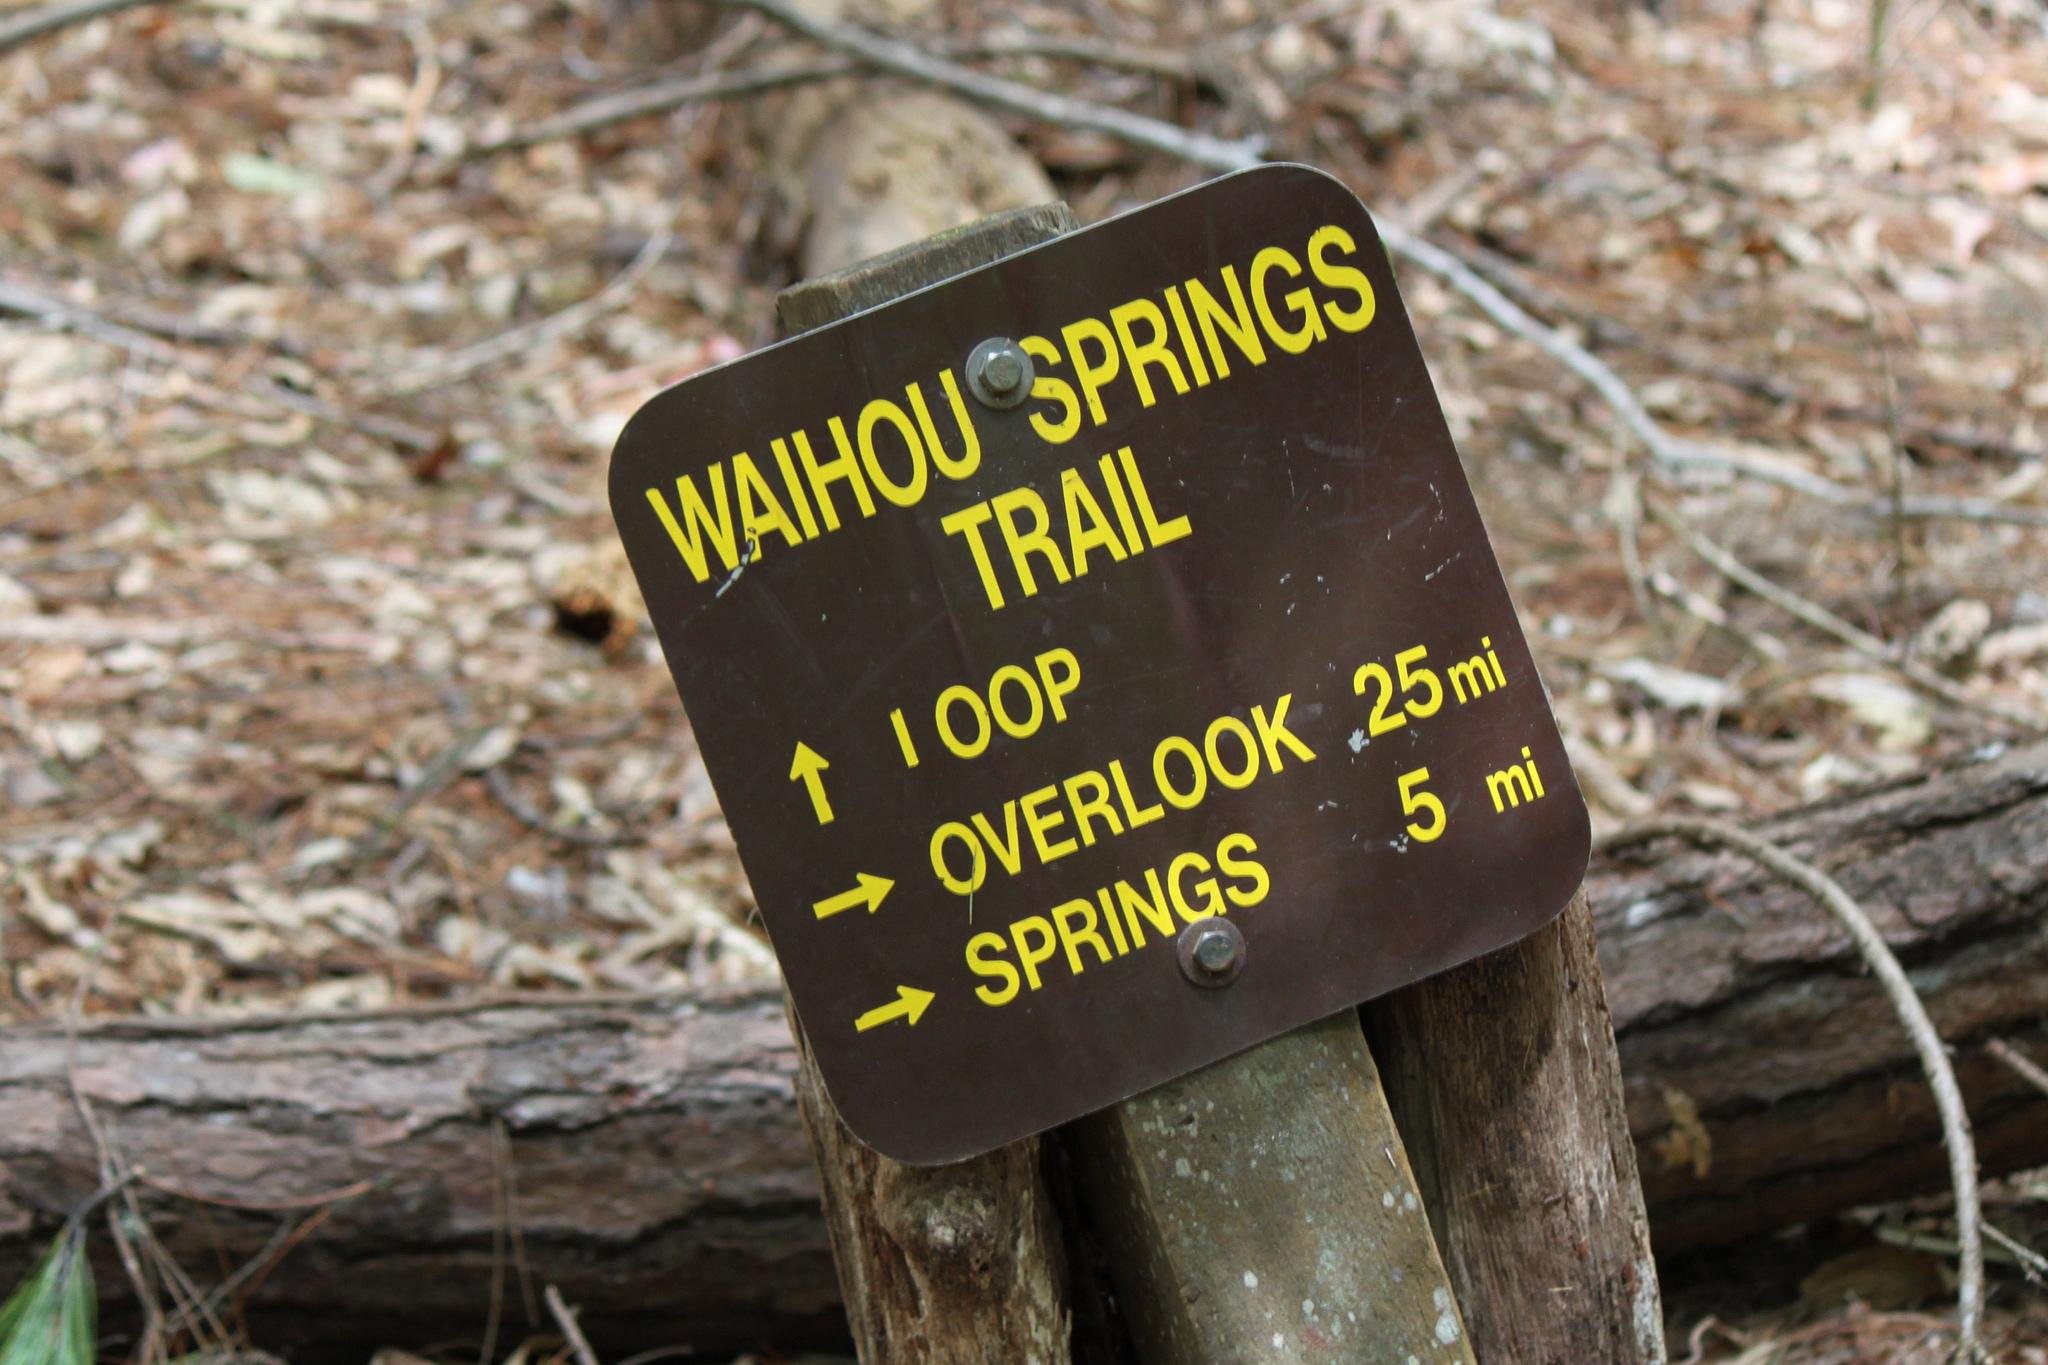 Waihou Springs